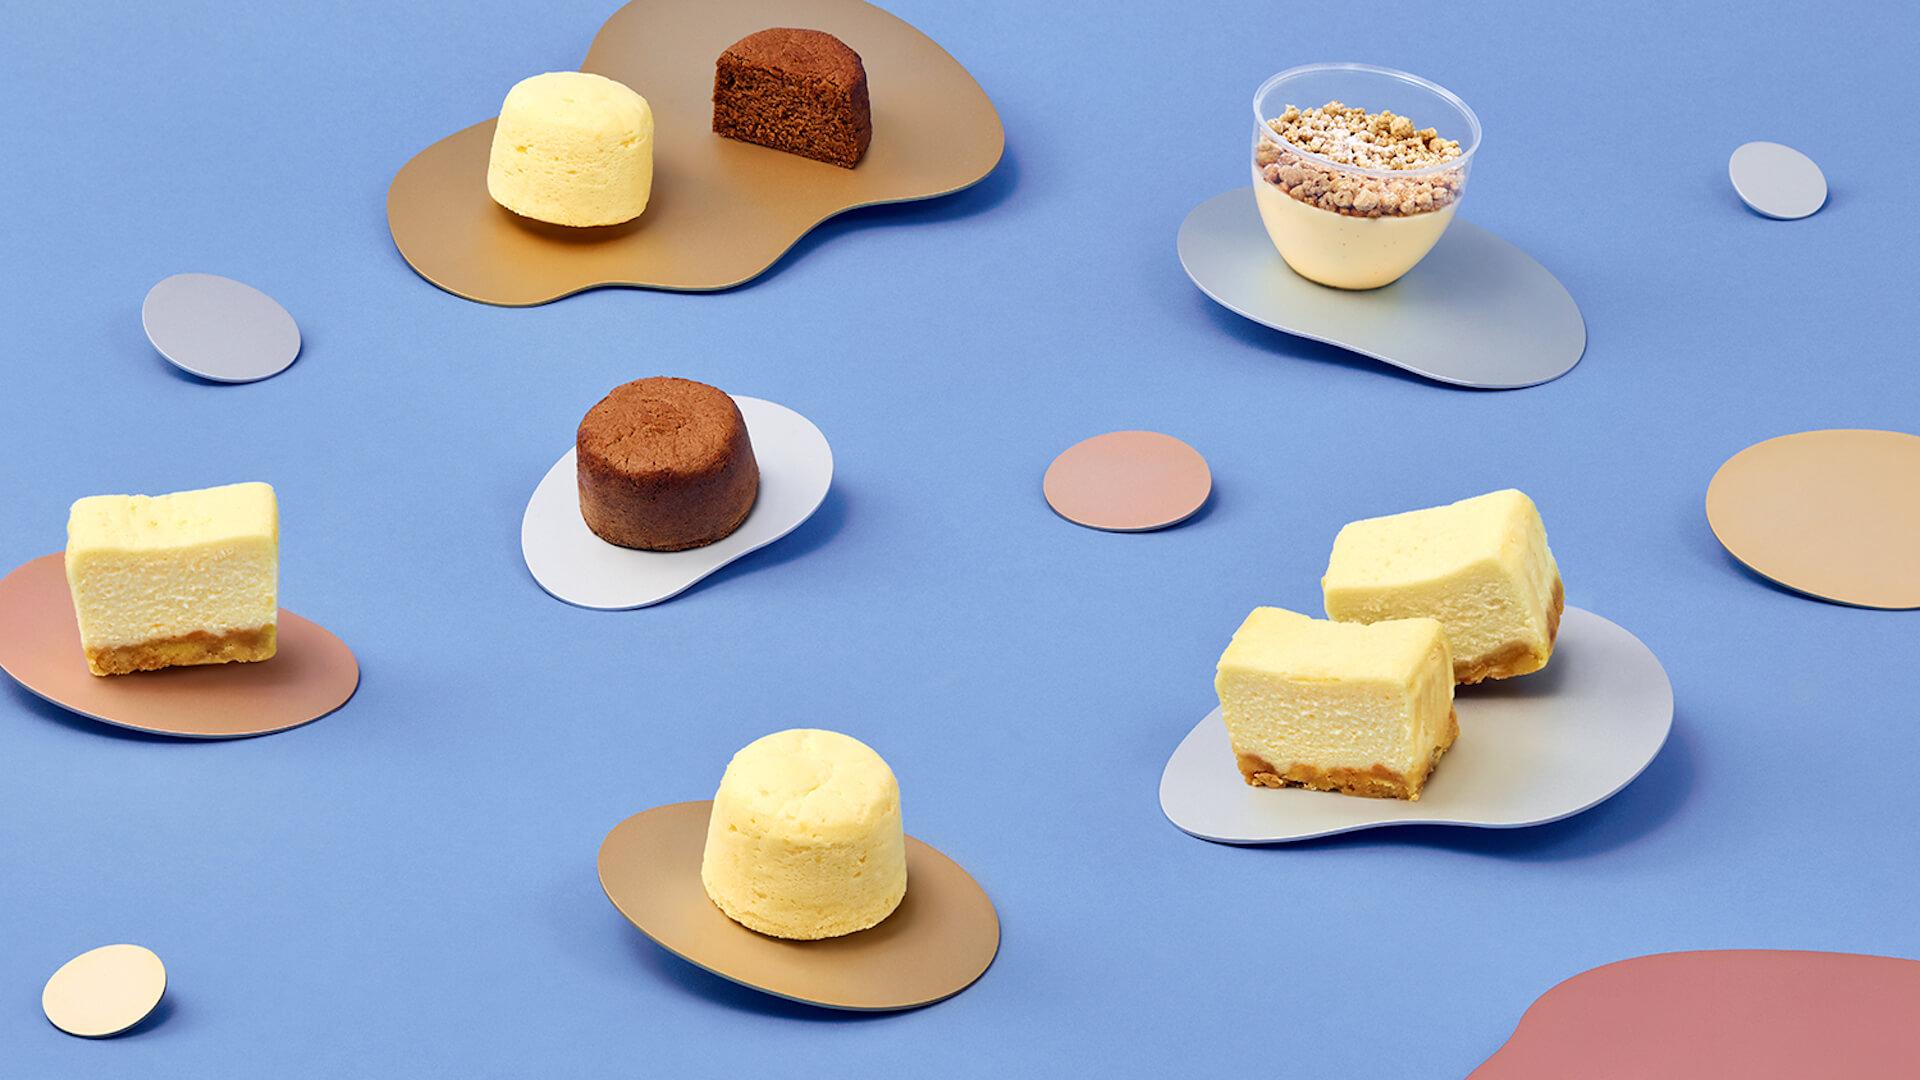 「チーズころん by BAKE CHEESE TART」のグランドオープン記念で新商品「ころんとチーズプリン」が発売決定!限定セットBOXも gourmet210628_bake_cheese_6